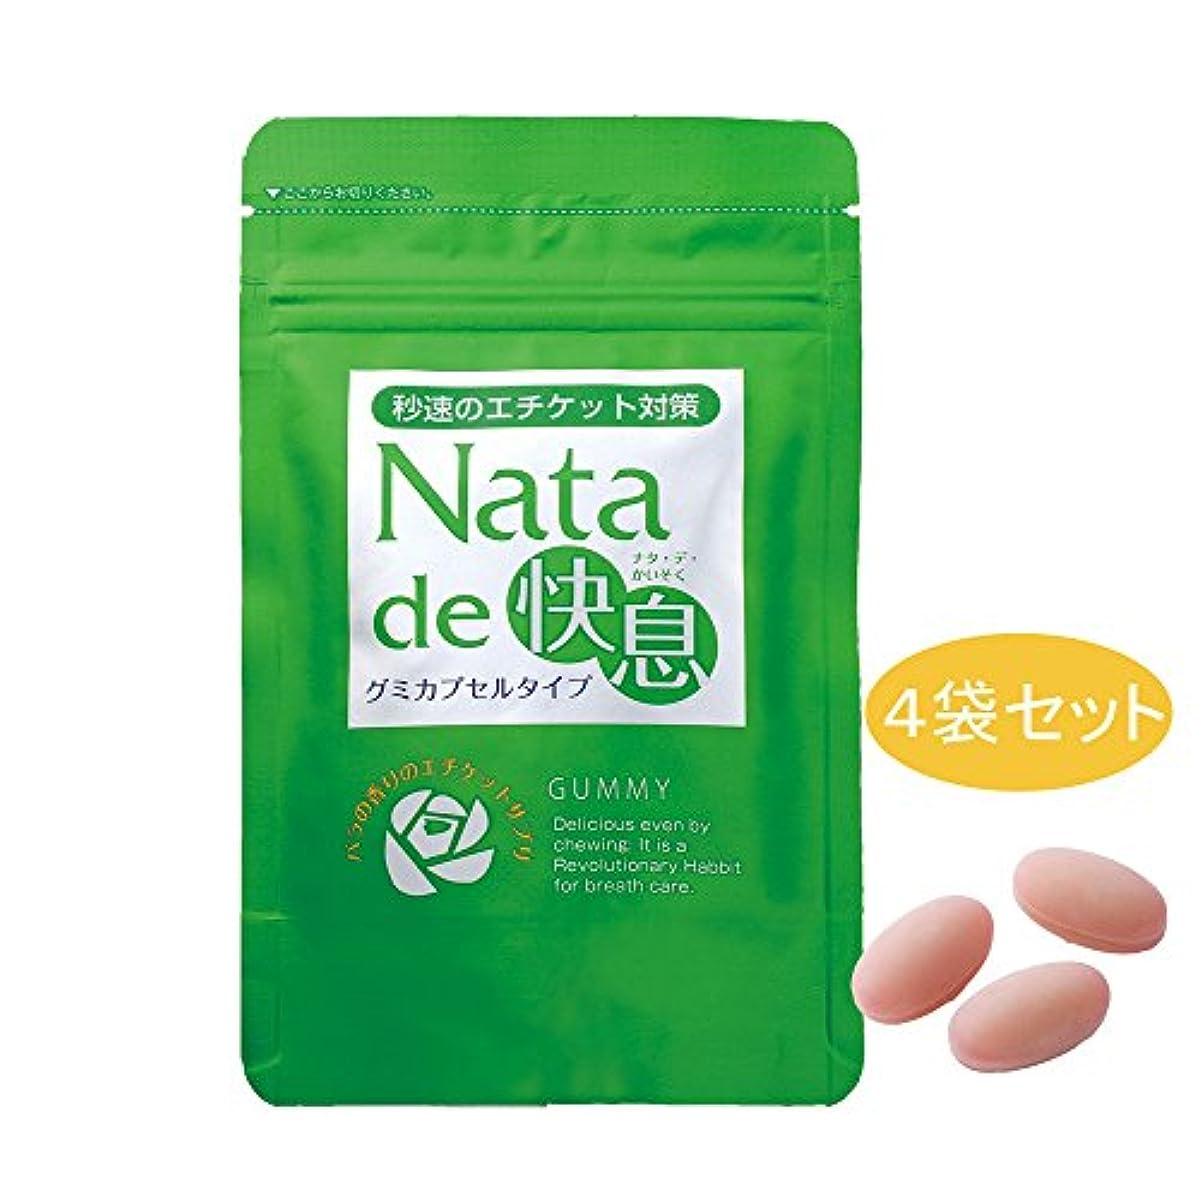 良さ正当化する引用ナタデ快息 バラの香り 4袋